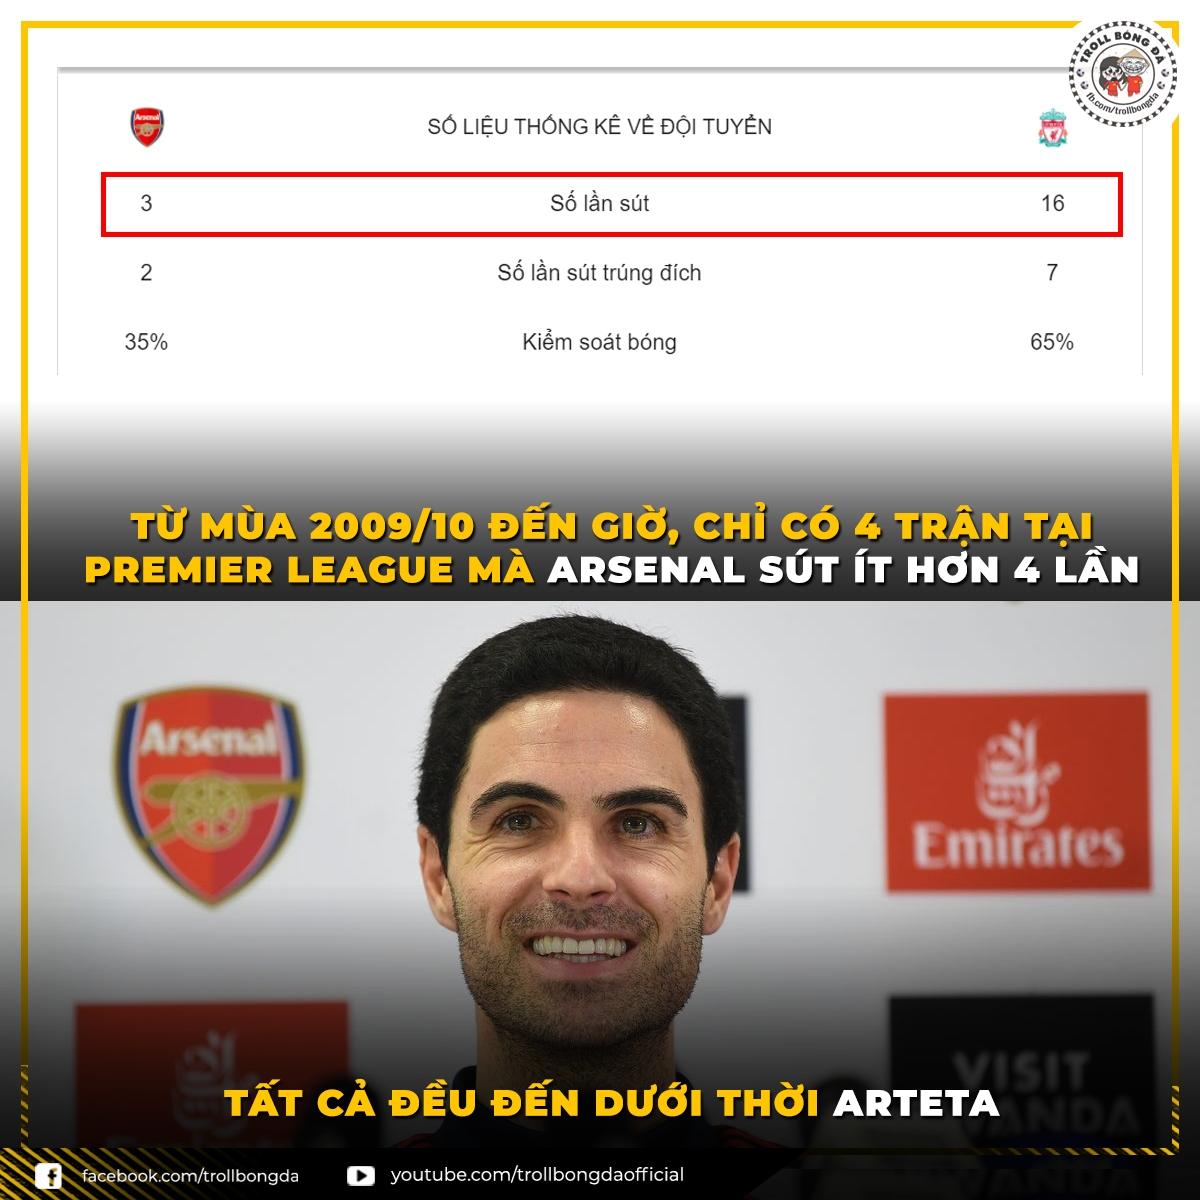 Arsenal sở hữu thống kê cực tệ thời HLV Arteta (Ảnh: Troll bóng đá).